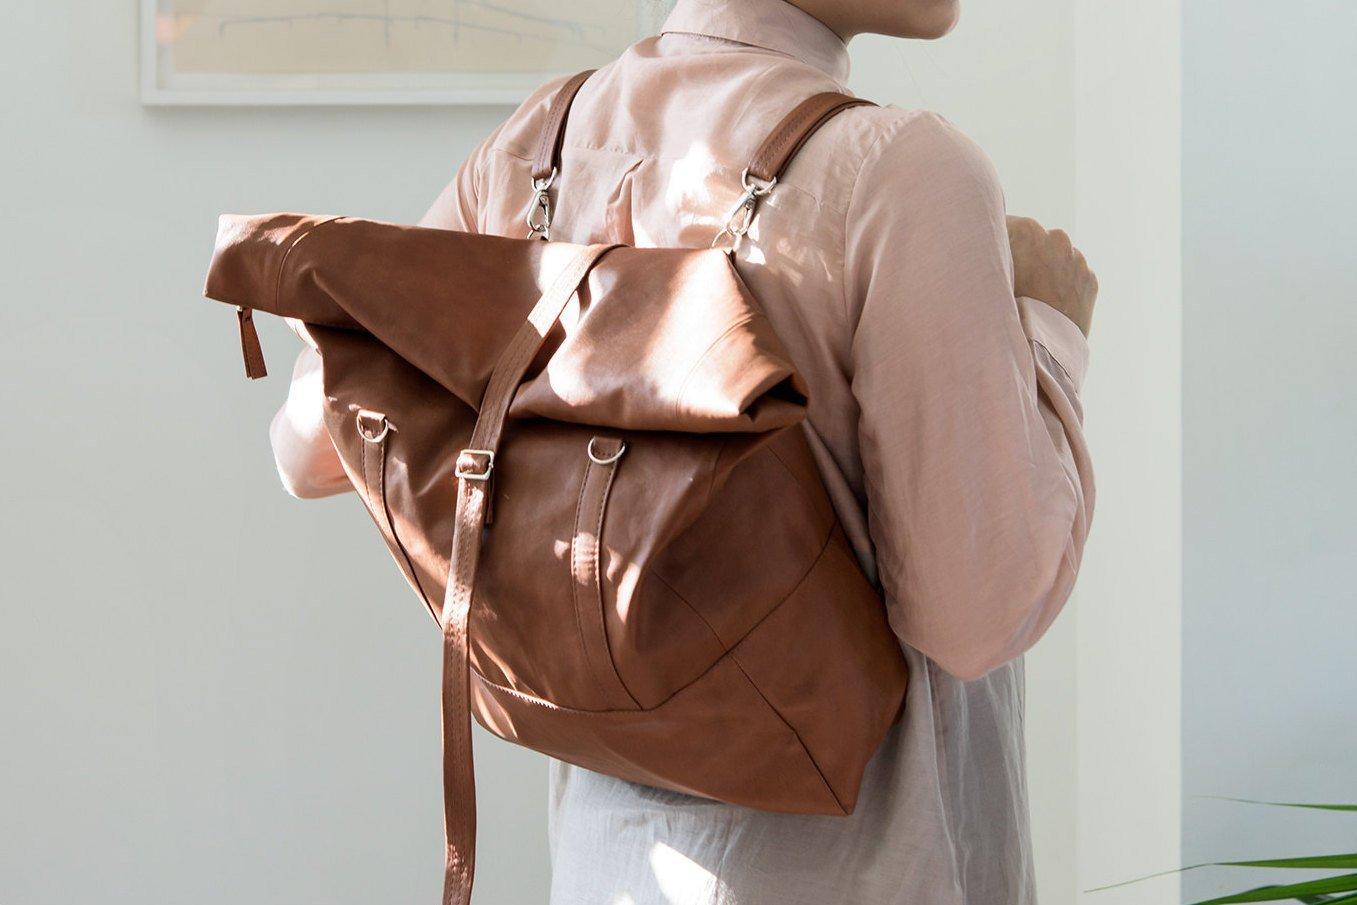 7cef3640a0e7 Богатый ассортимент сумок-рюкзаков можно объяснить, прежде всего, их  универсальностью и практичностью ...